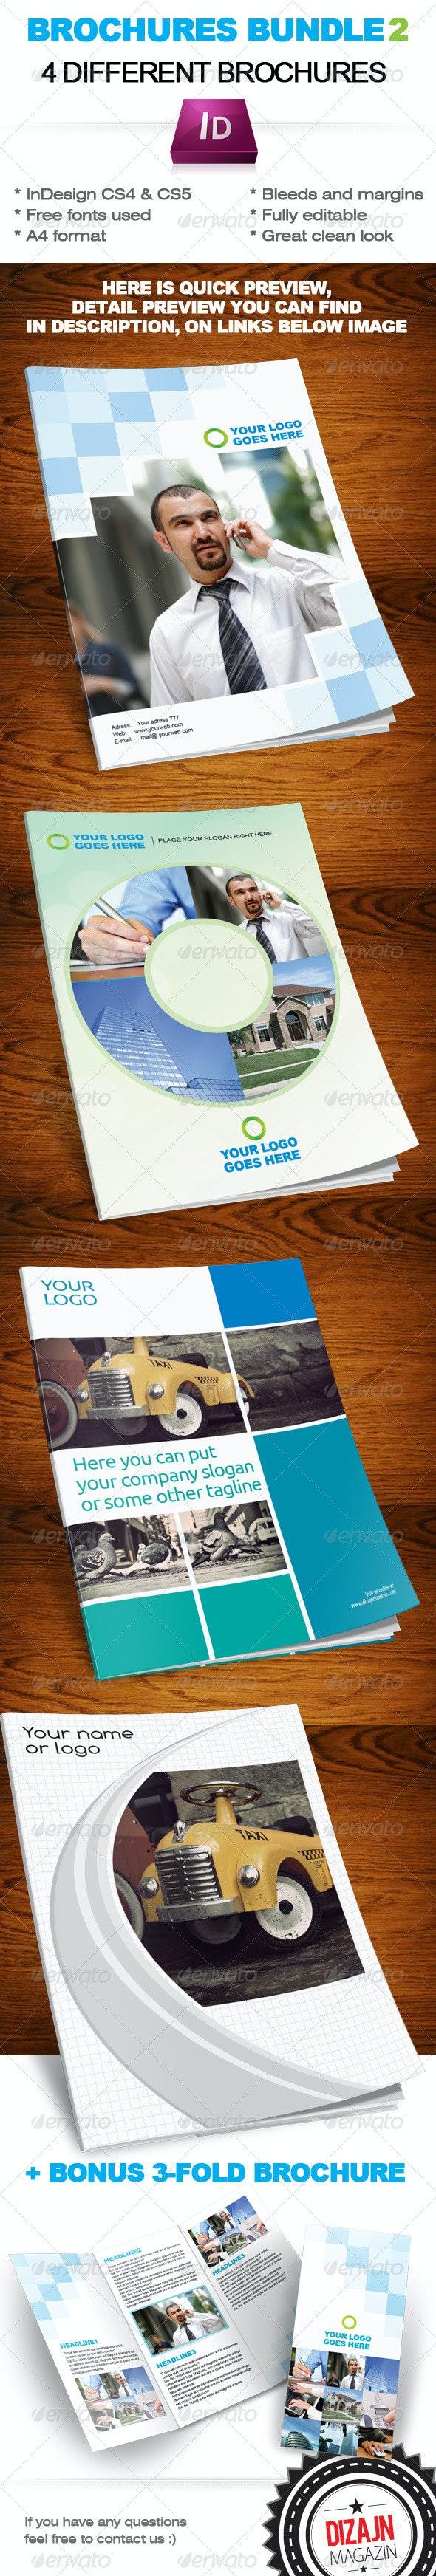 Brochures Bundle 2 InDesign template - Corporate Brochures